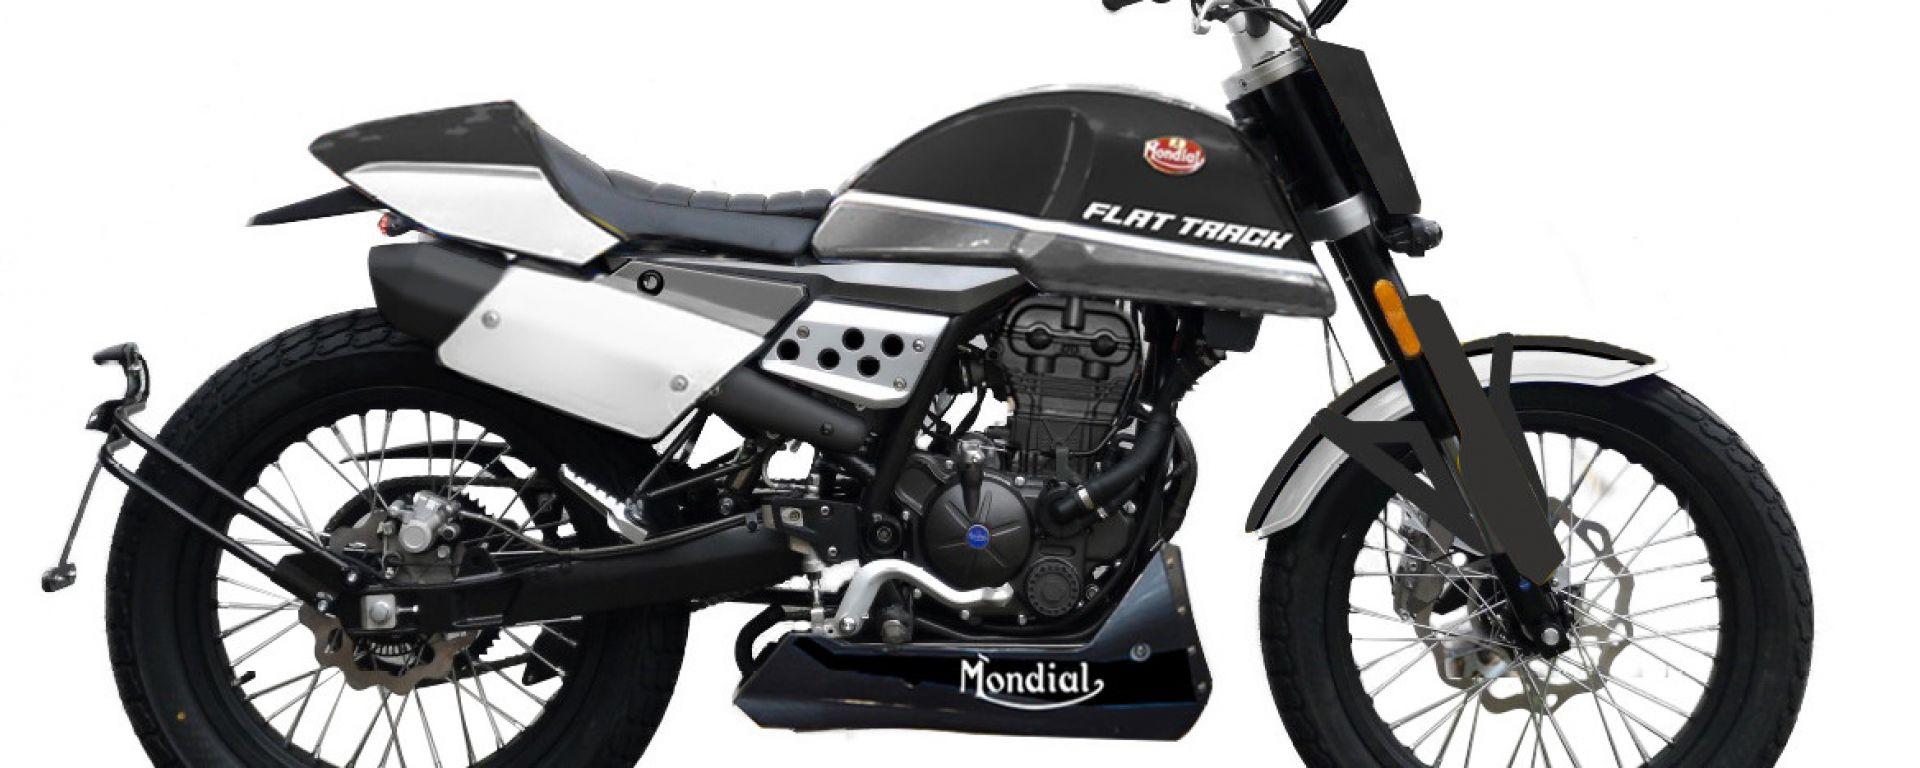 La Mondial Flat Track 125 in versione nera